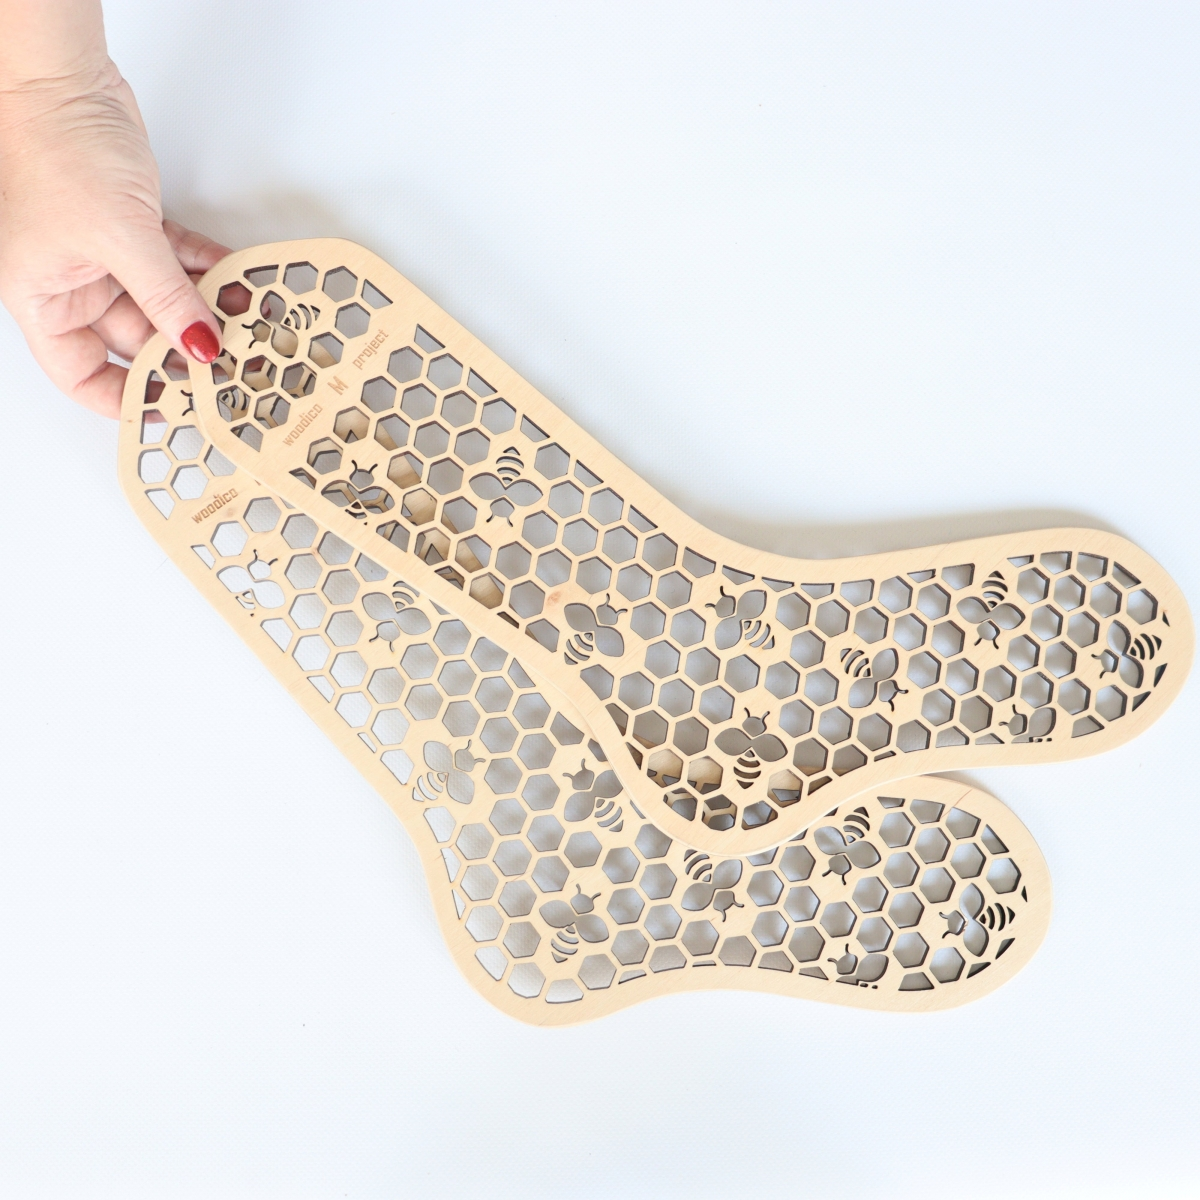 woodico.pro wooden sock blockers hooneycomb 7 1200x1200 - Wooden sock blockers / Honeycomb